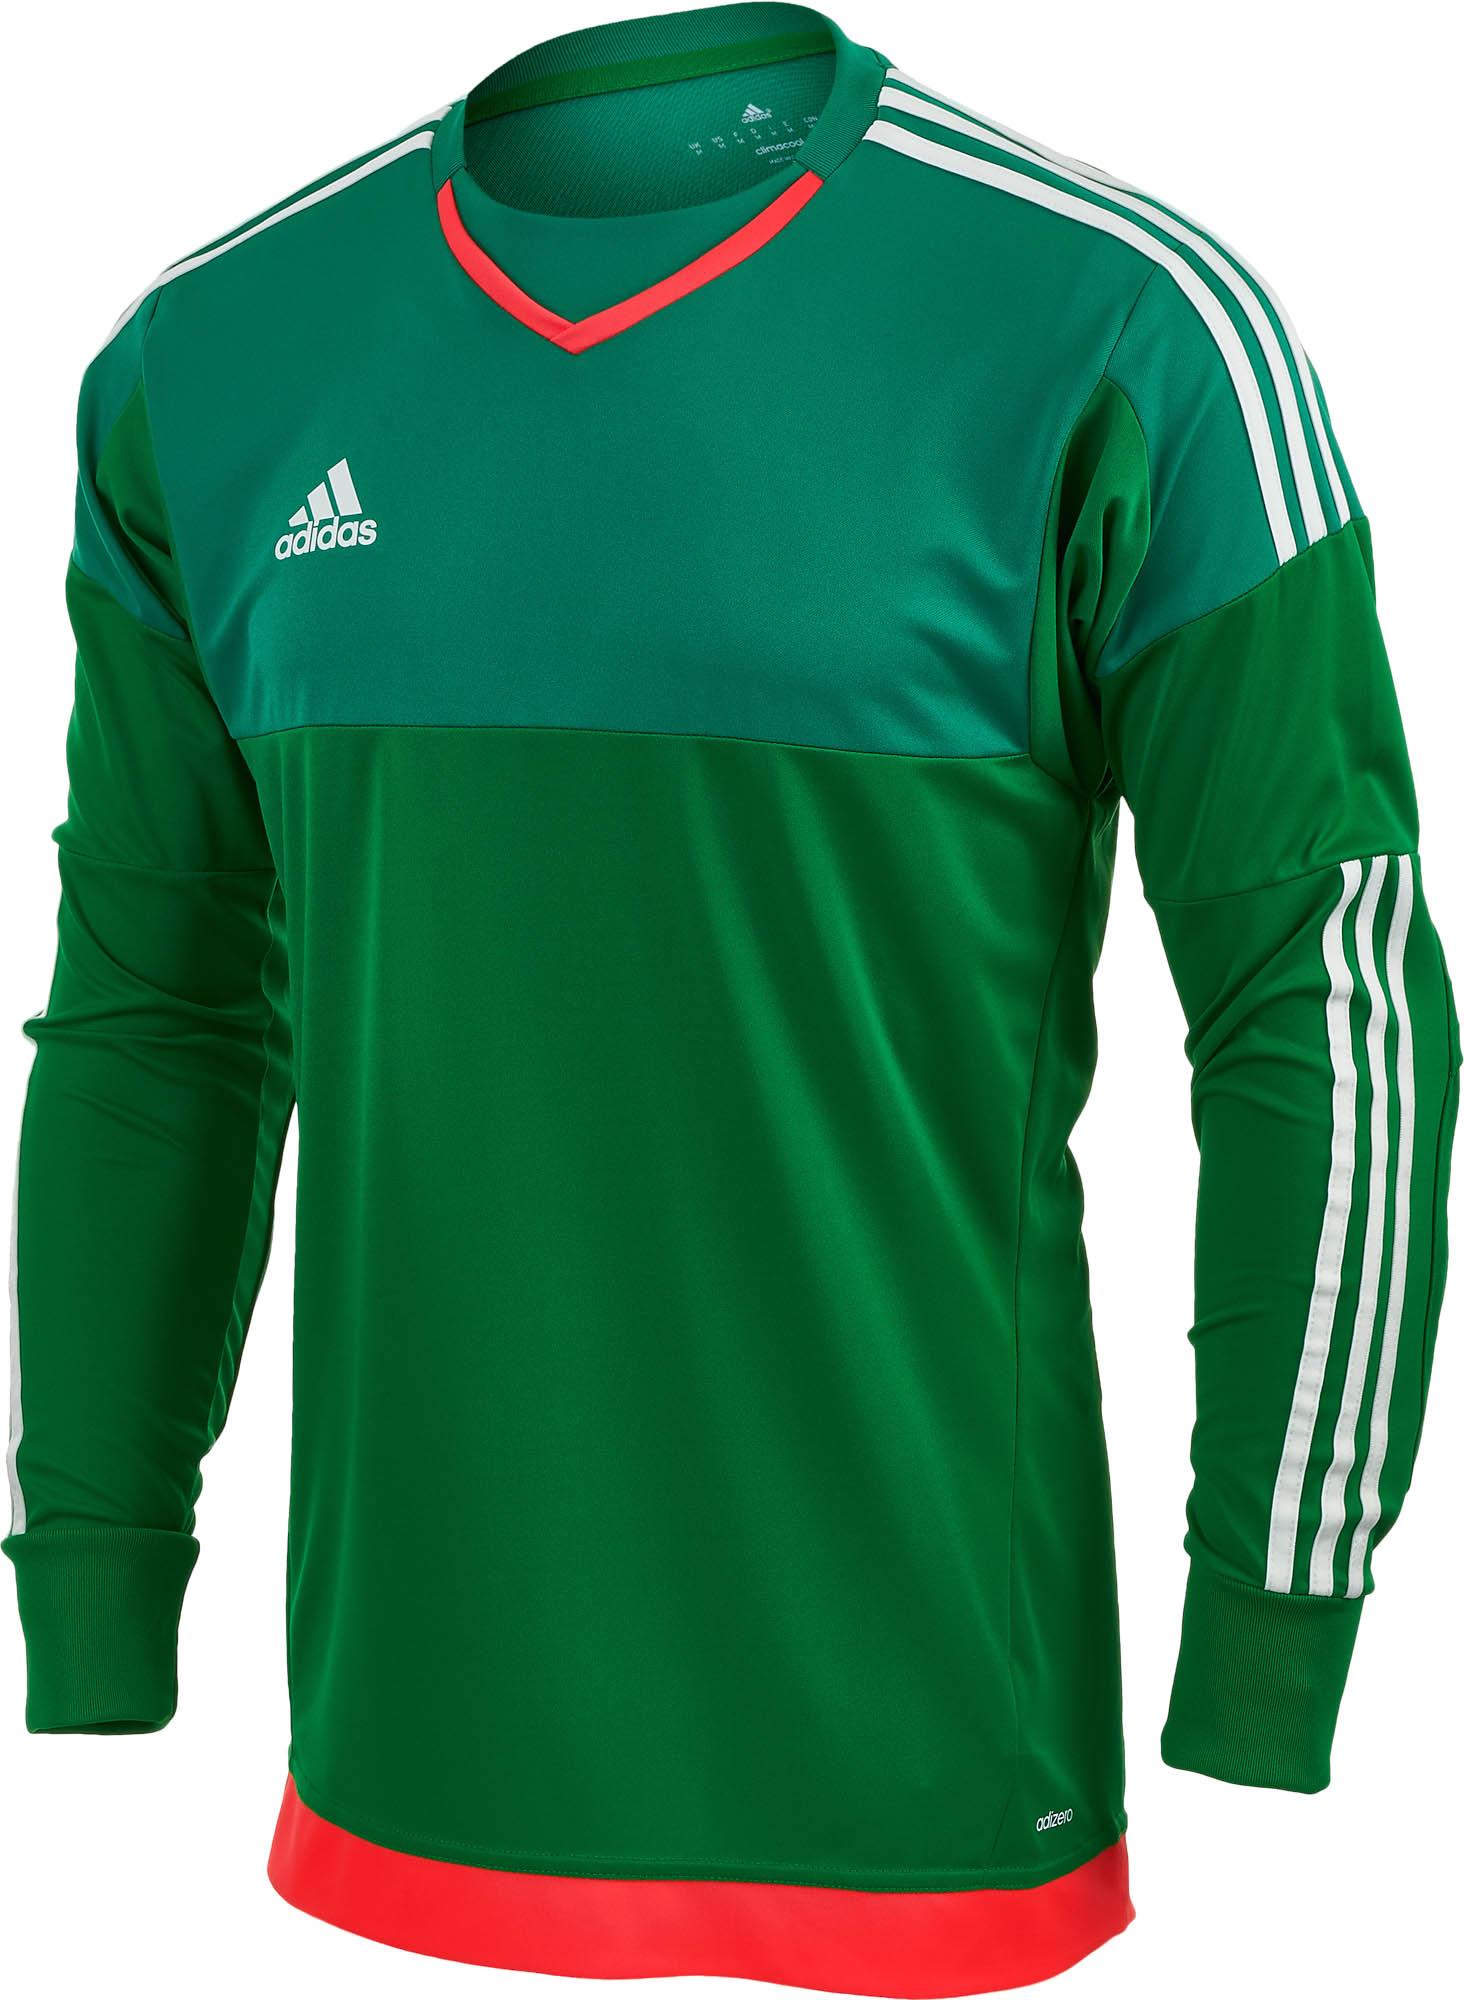 085dd847b67 Green adidas Top Goalkeeping Jersey - adidas Goalie Jerseys